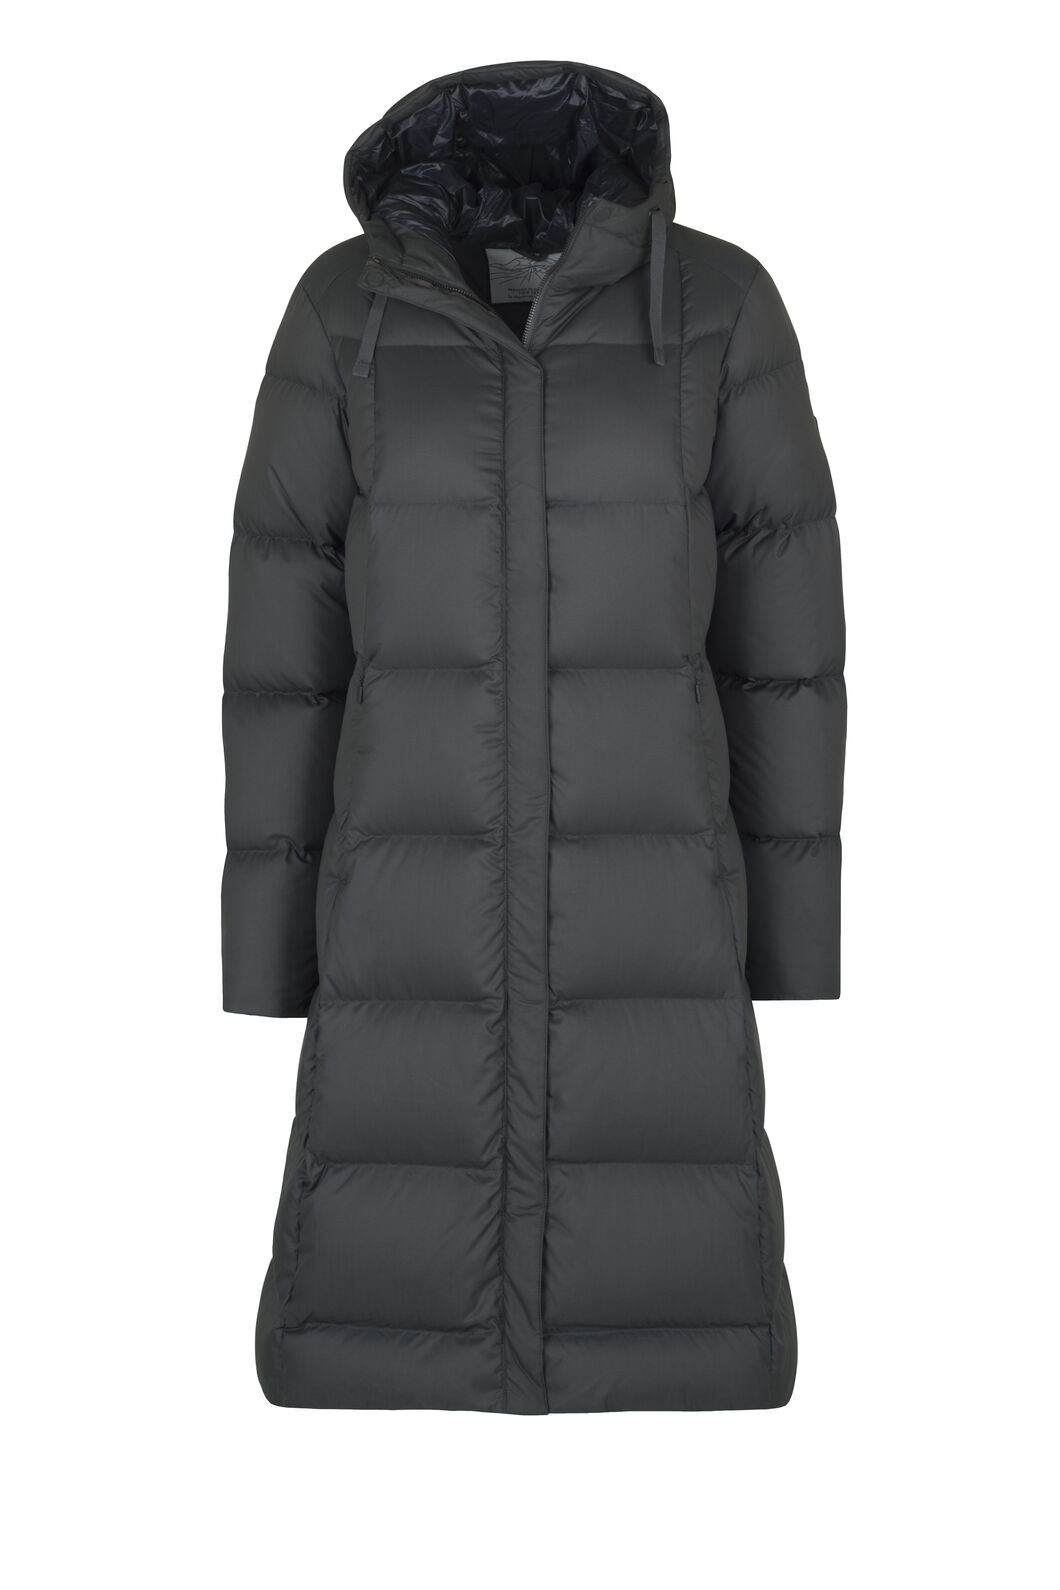 Macpac Parallax Coat - Women's, Black, hi-res